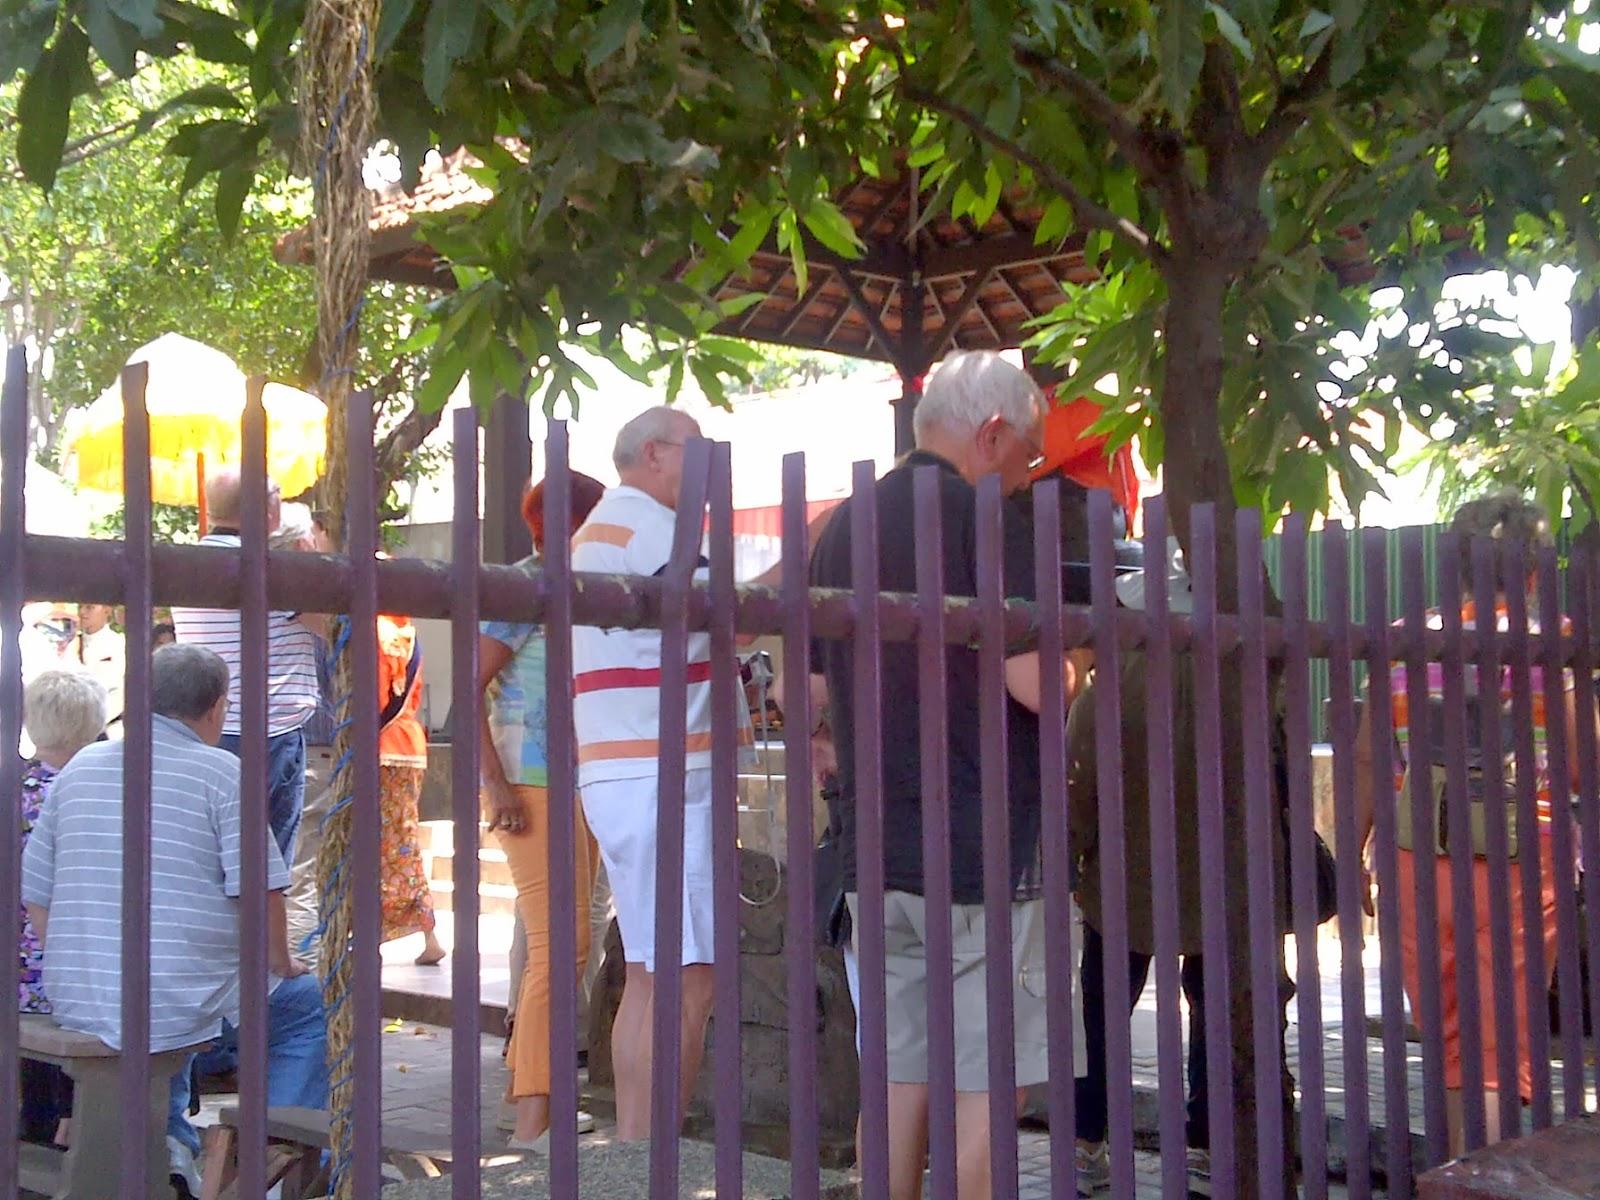 Gonxha Cagar Budaya Tengah Kota Surabaya Turis Berkunjung Arca Joko